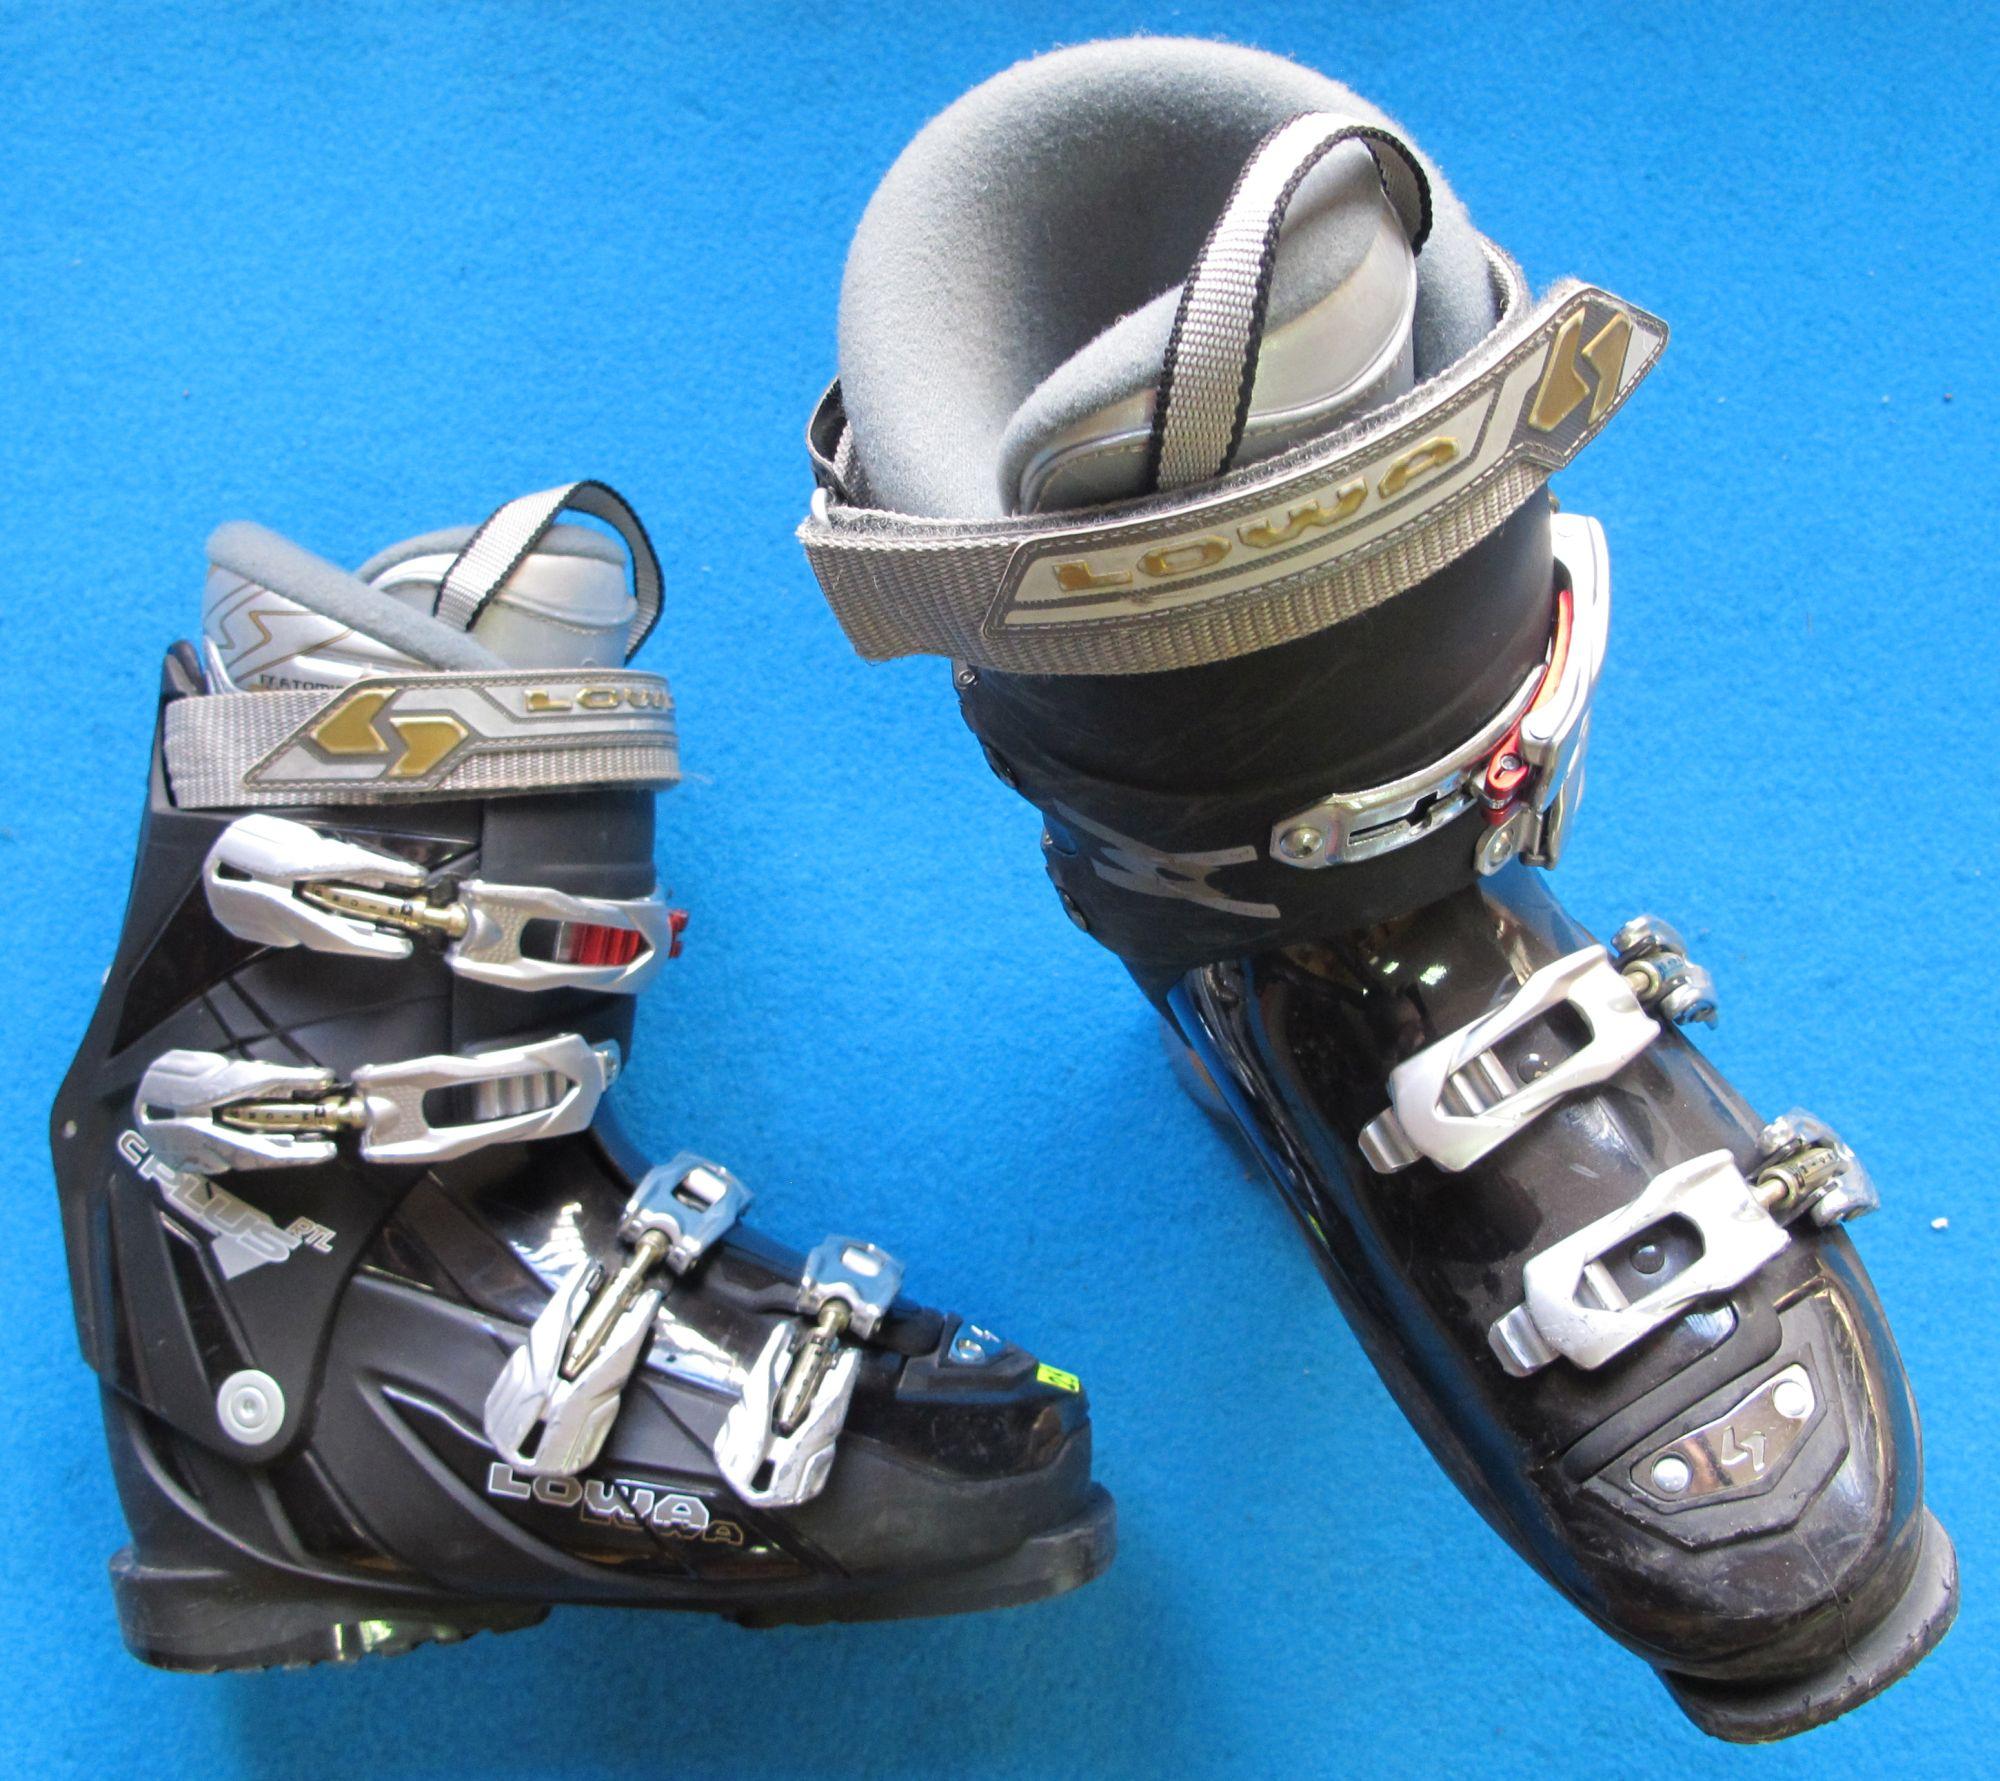 Buty narciarskie salomon 24,5 38,0 używane damskie wałbrzych